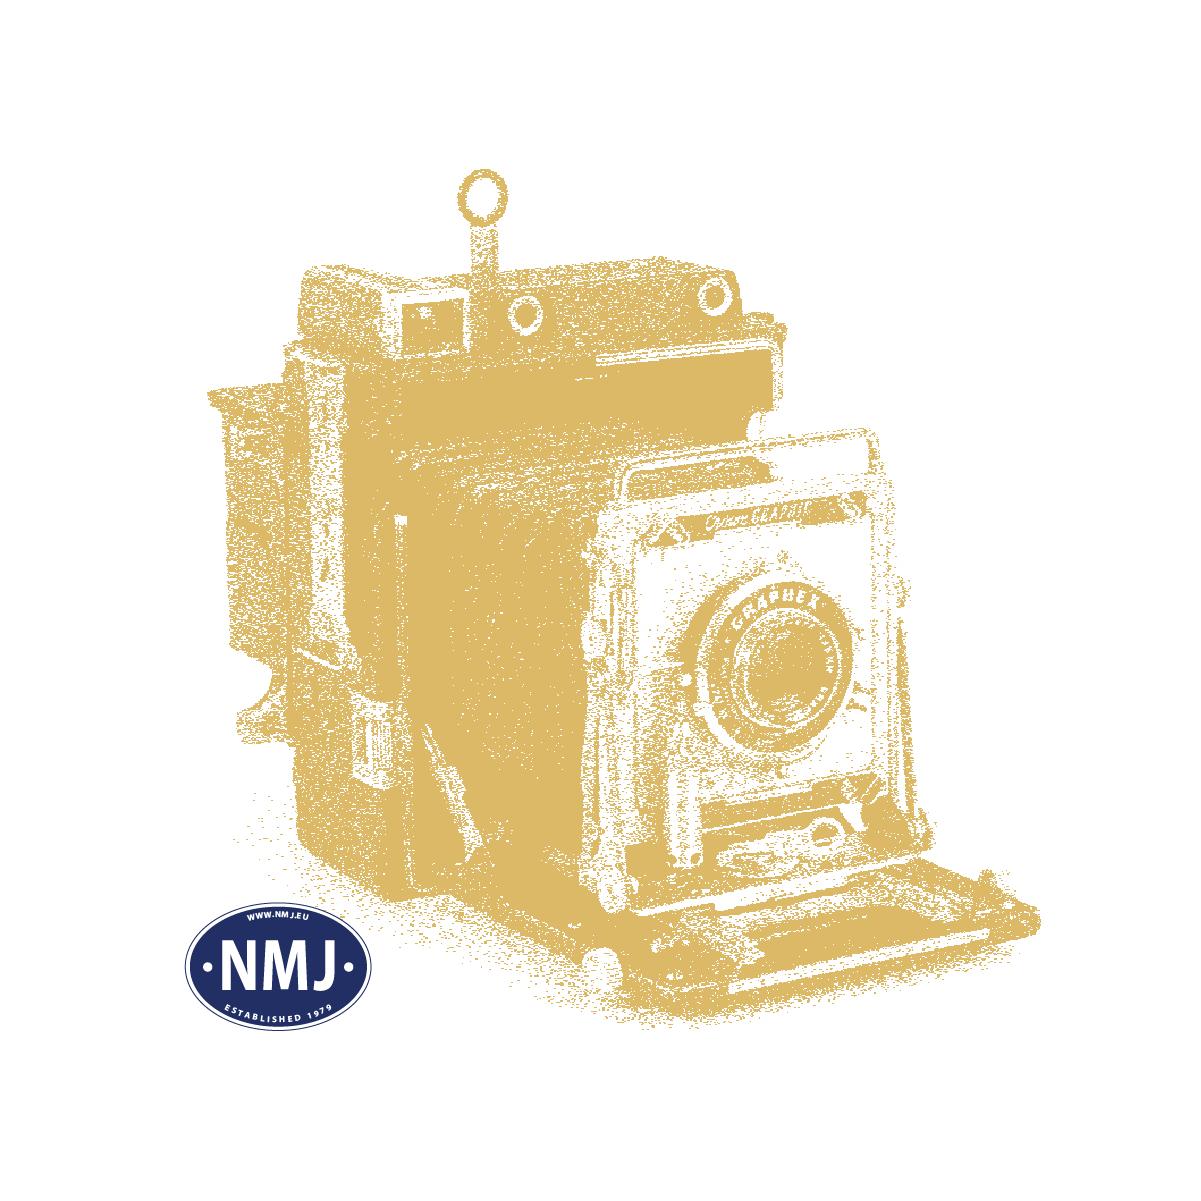 NMJB1109 - Faltenbälge, 4 Stück